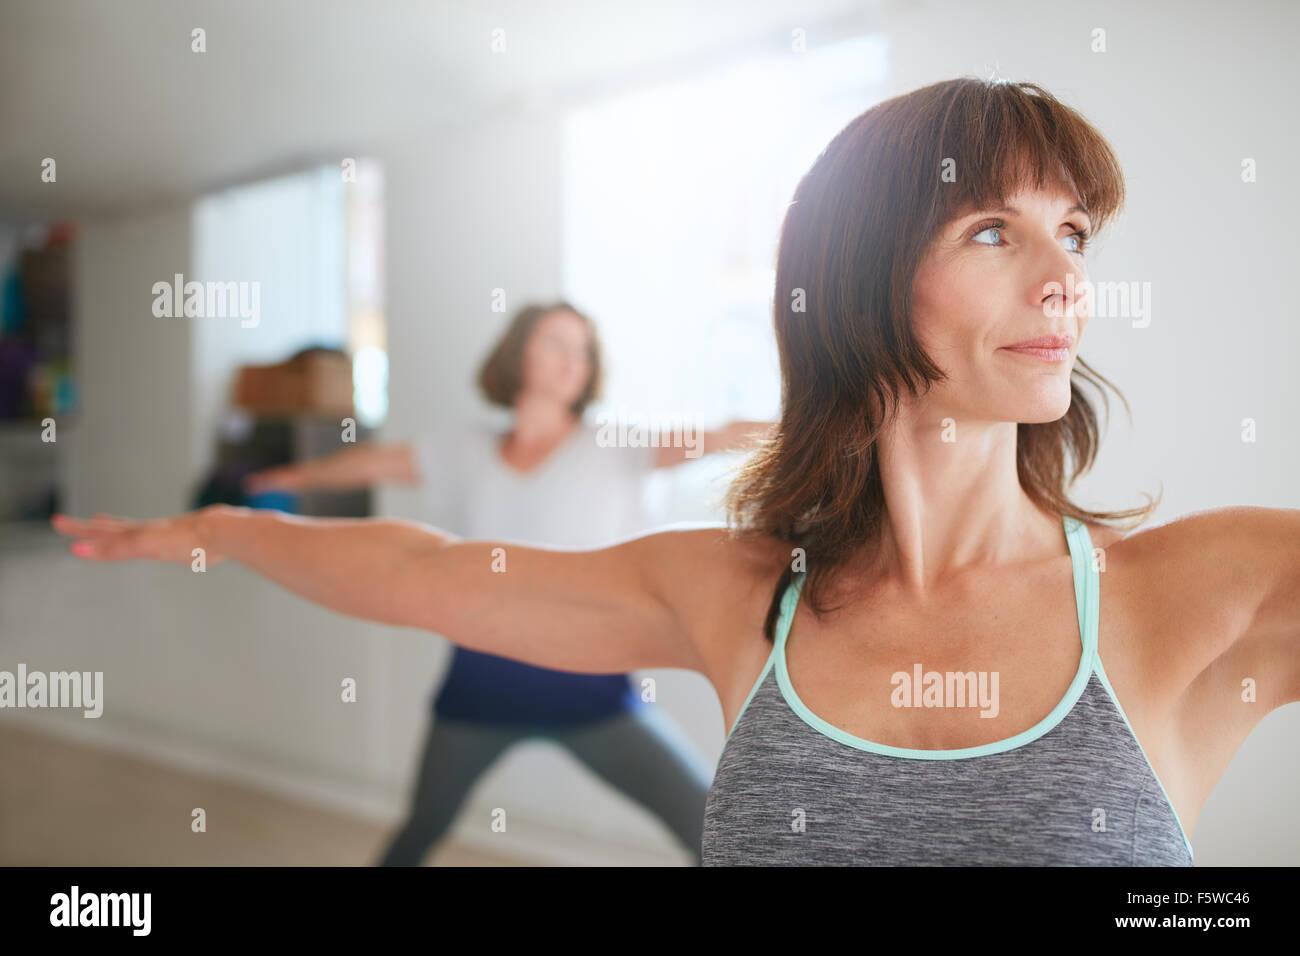 Ritratto di giovane e bella donna facendo il guerriero pongono durante la lezione di yoga. Istruttore Yoga eseguendo Immagini Stock